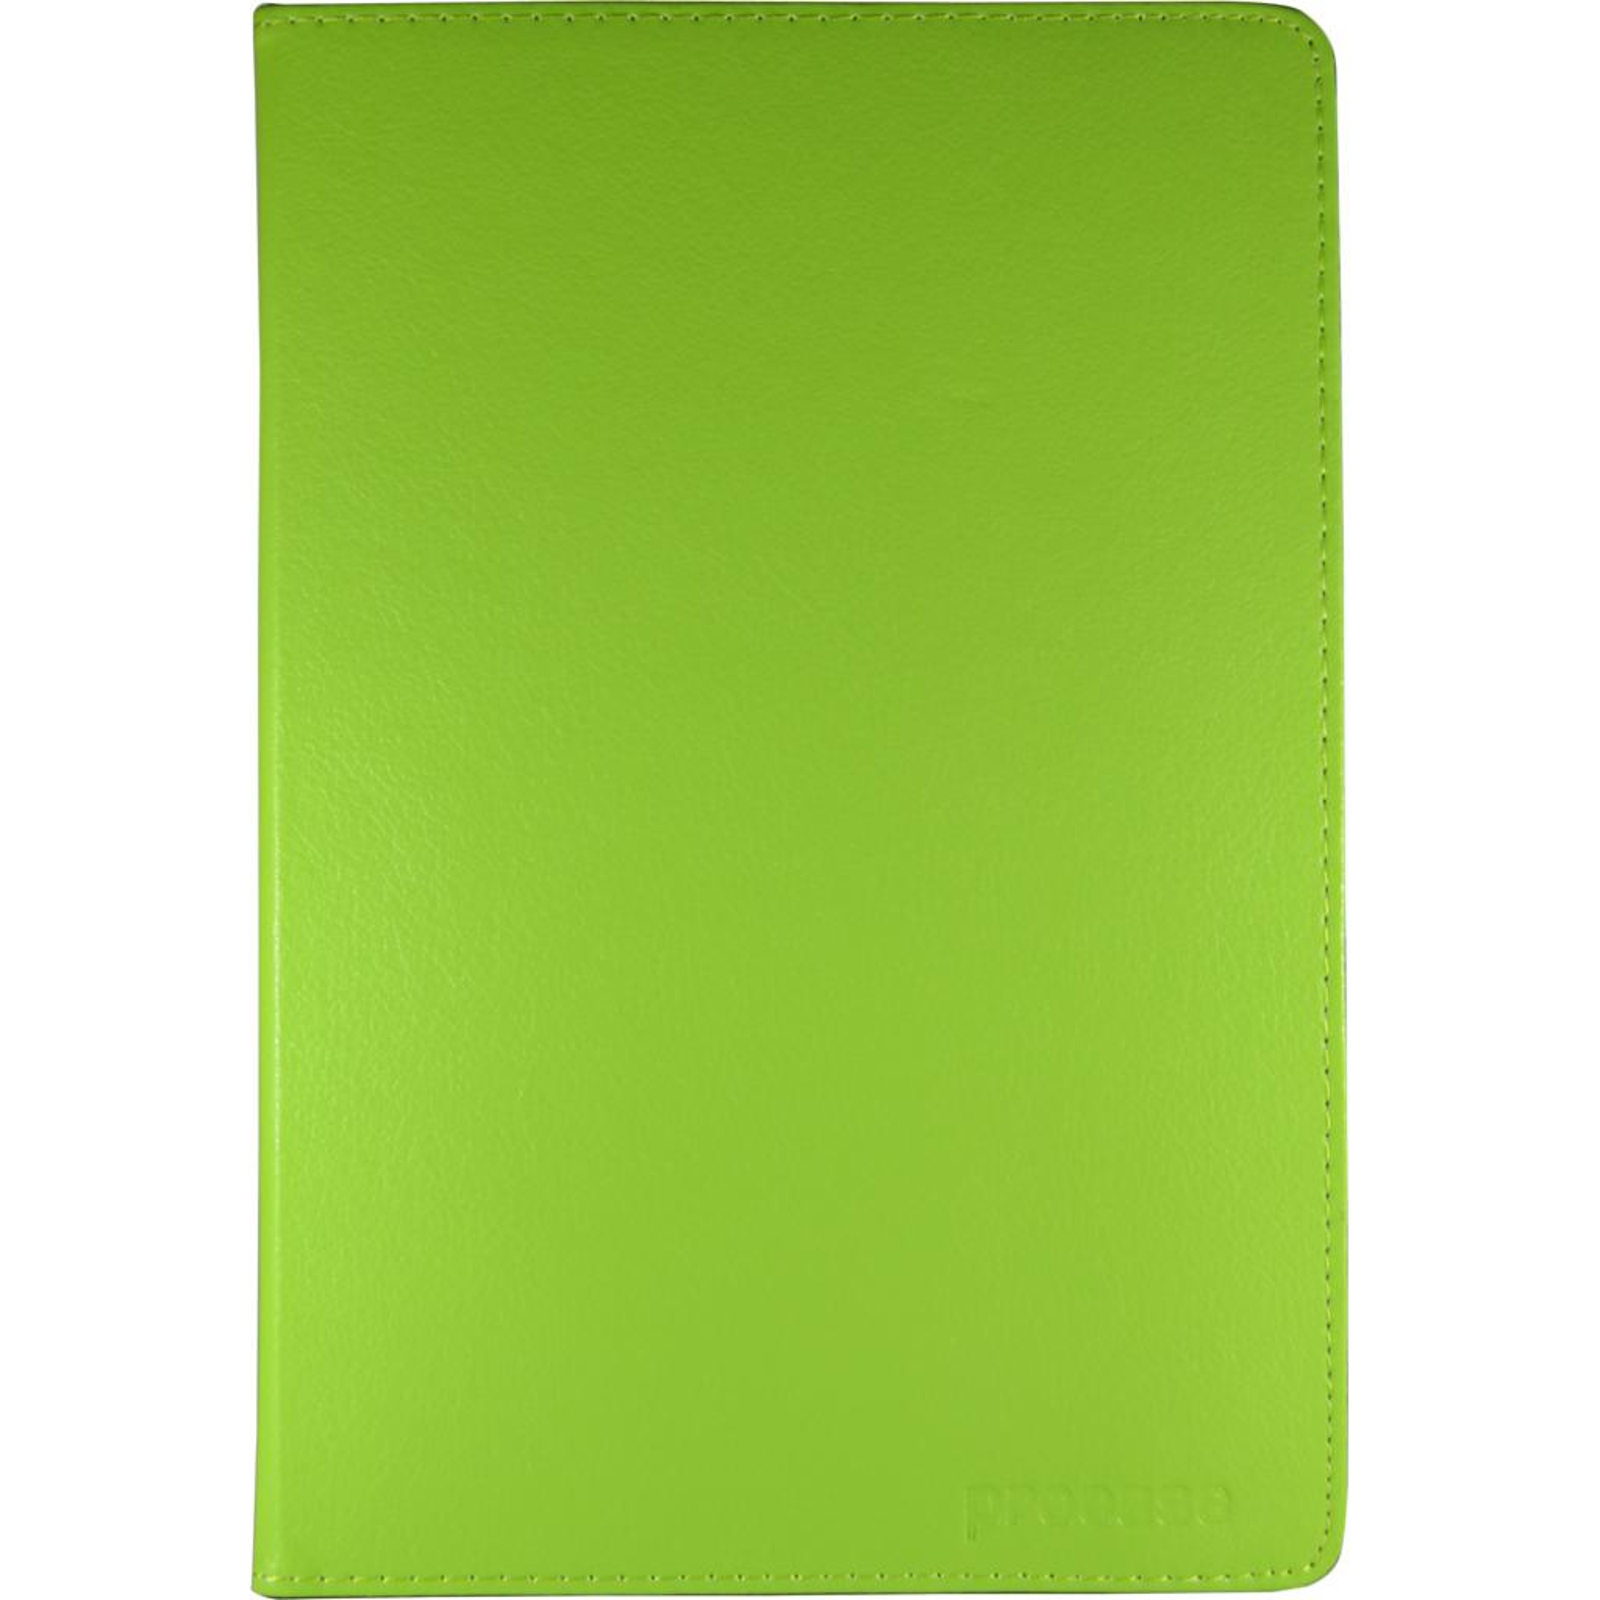 """Чехол для планшета Pro-case 10"""" универсальный case fits up red (UNS-022 gr)"""